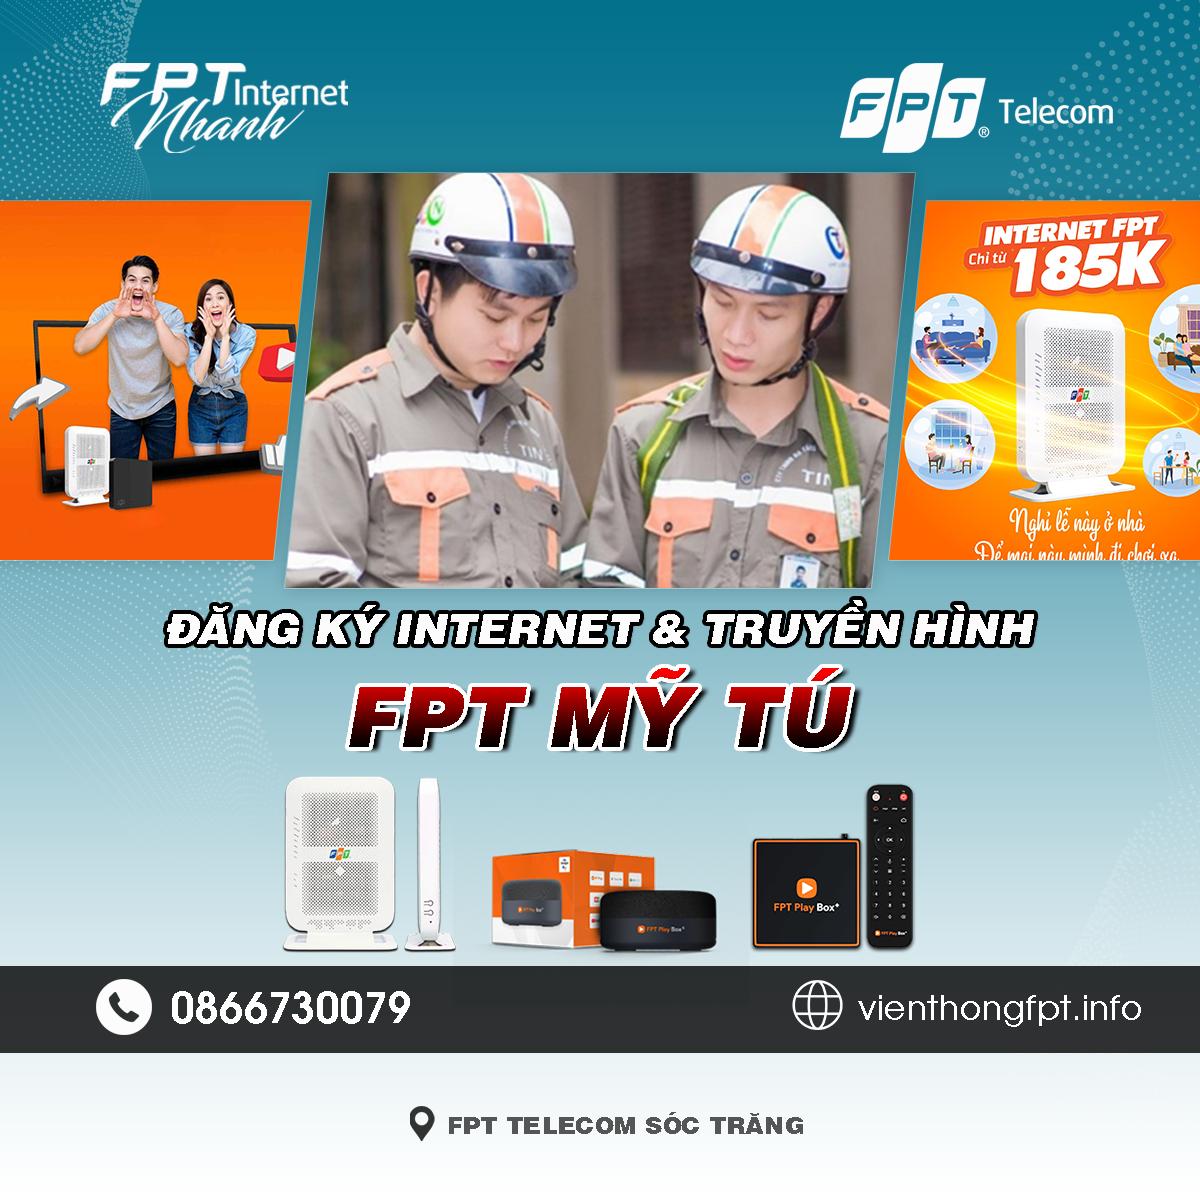 Tổng đài FPT Mỹ Tú - Đơn vị lắp mạng Internet và Truyền hình FPT